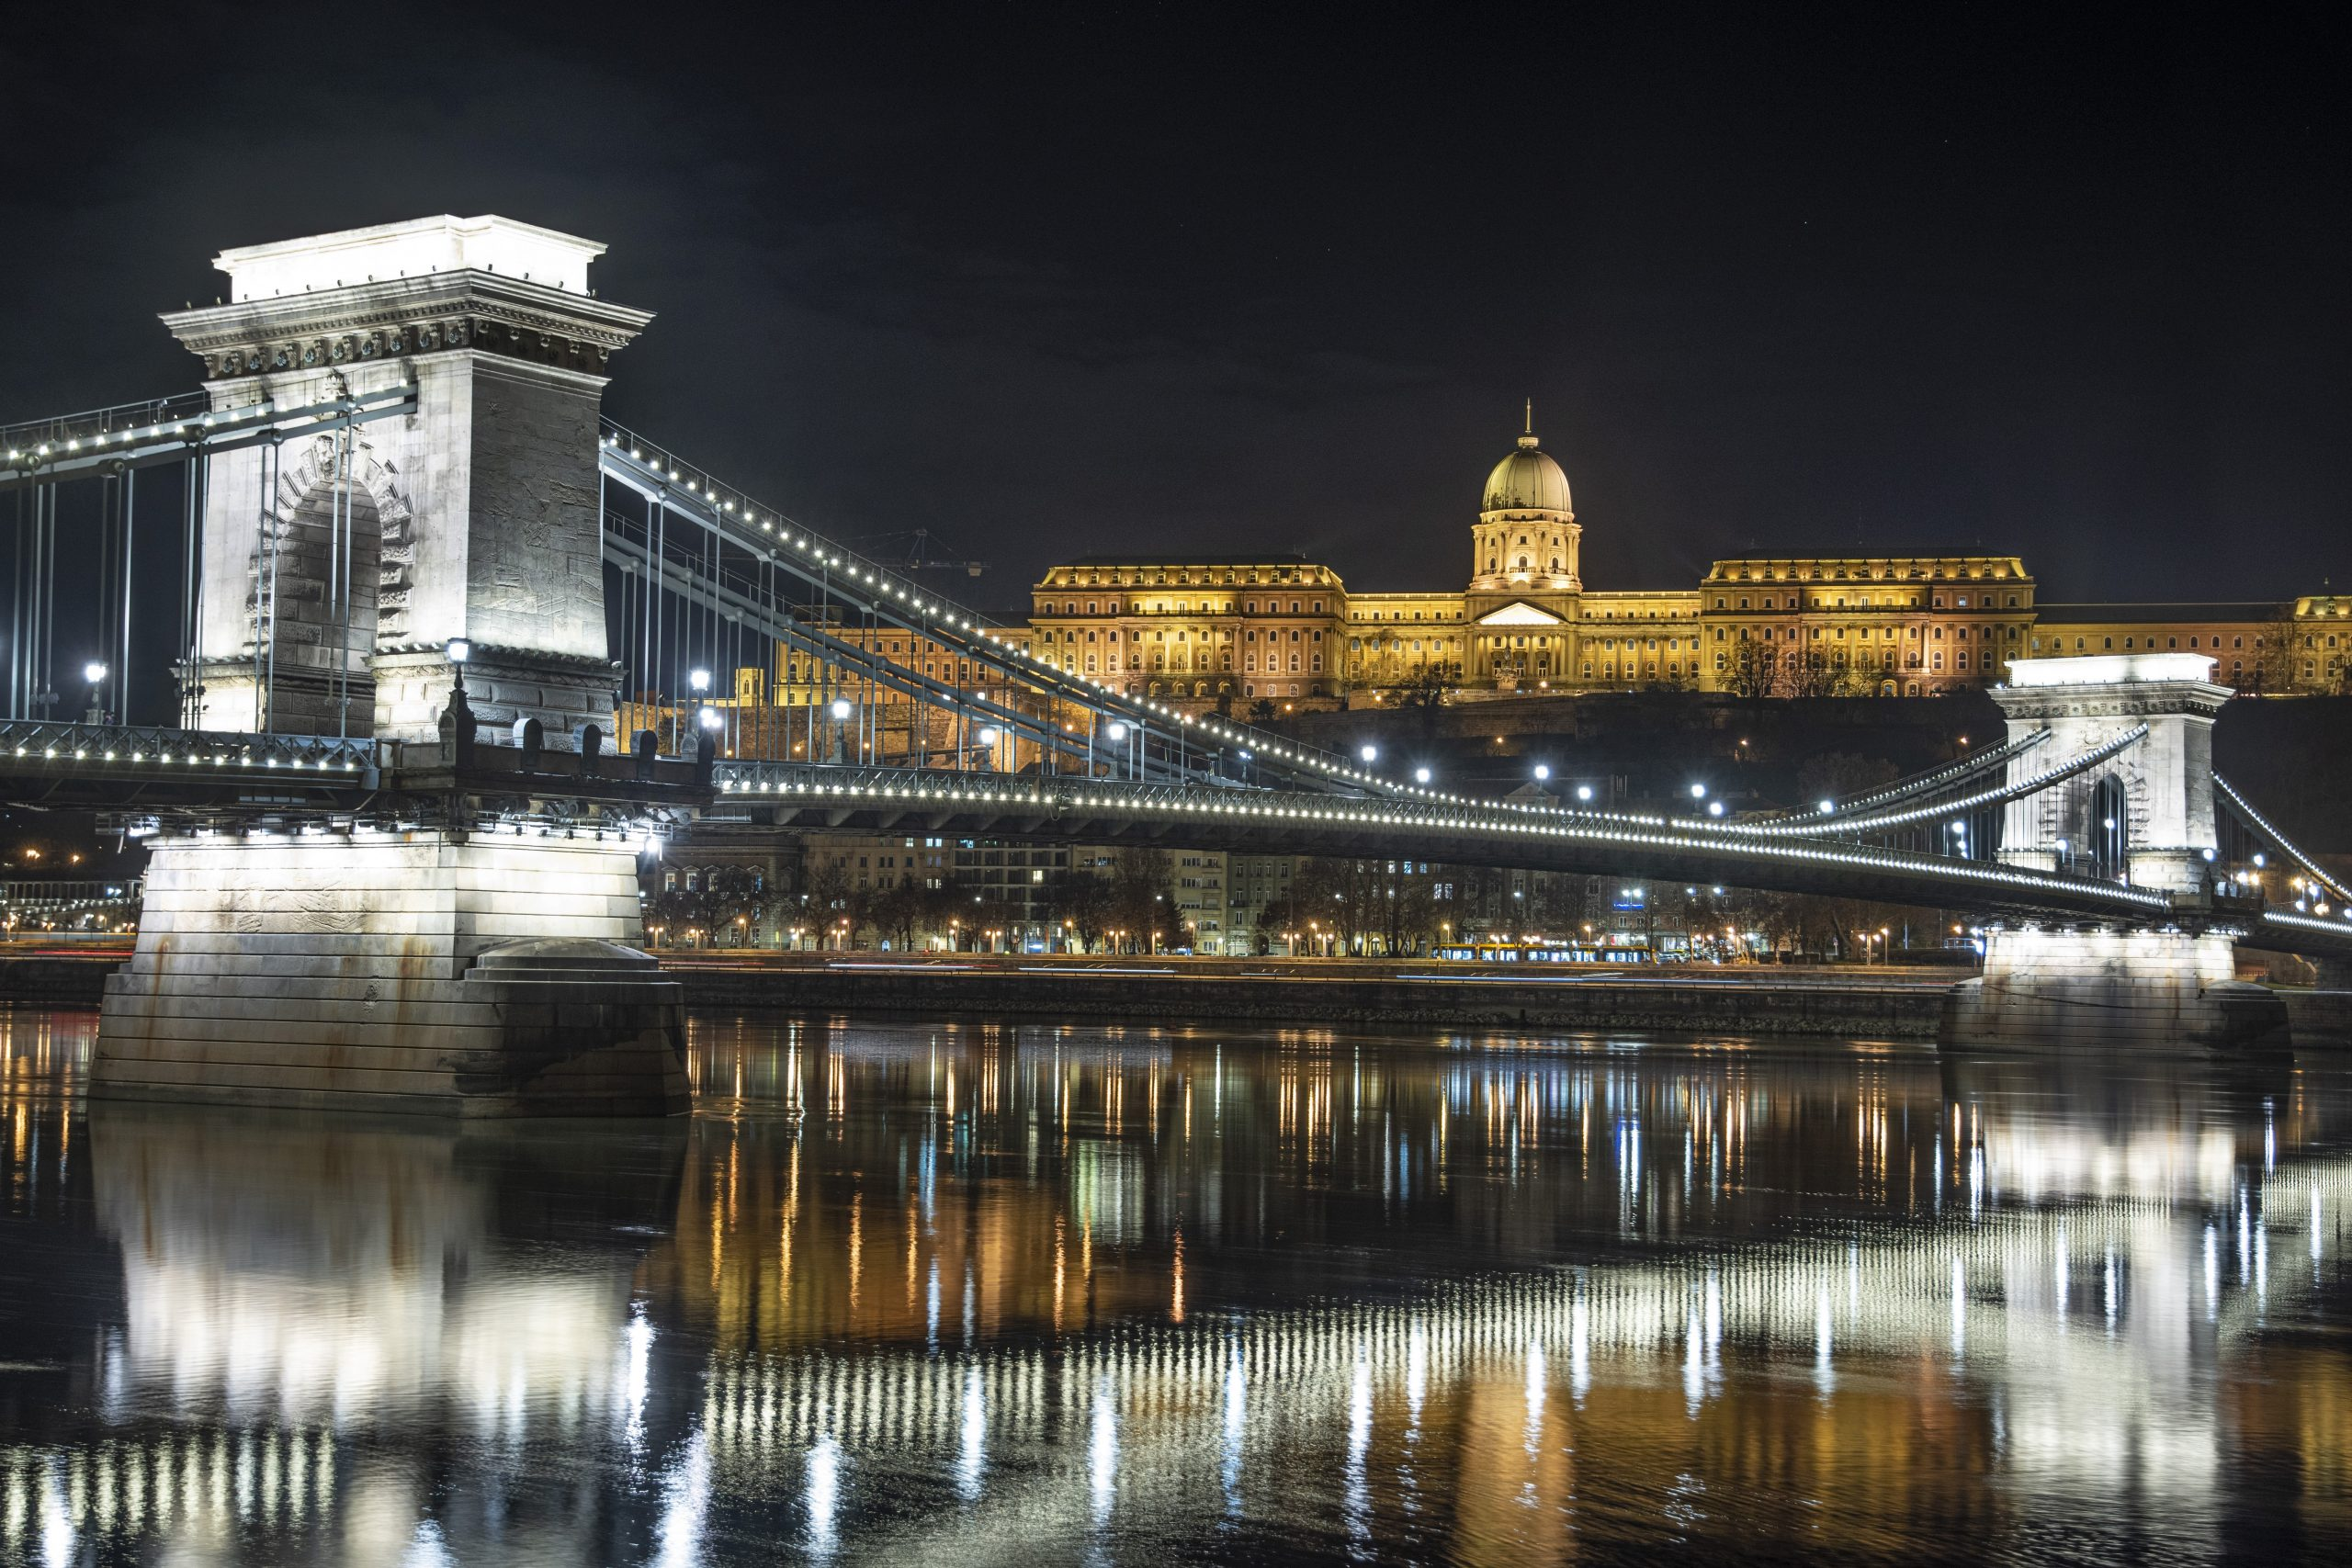 Fidesz: Sanierungsplan der Kettenbrücke teurer als zuvor